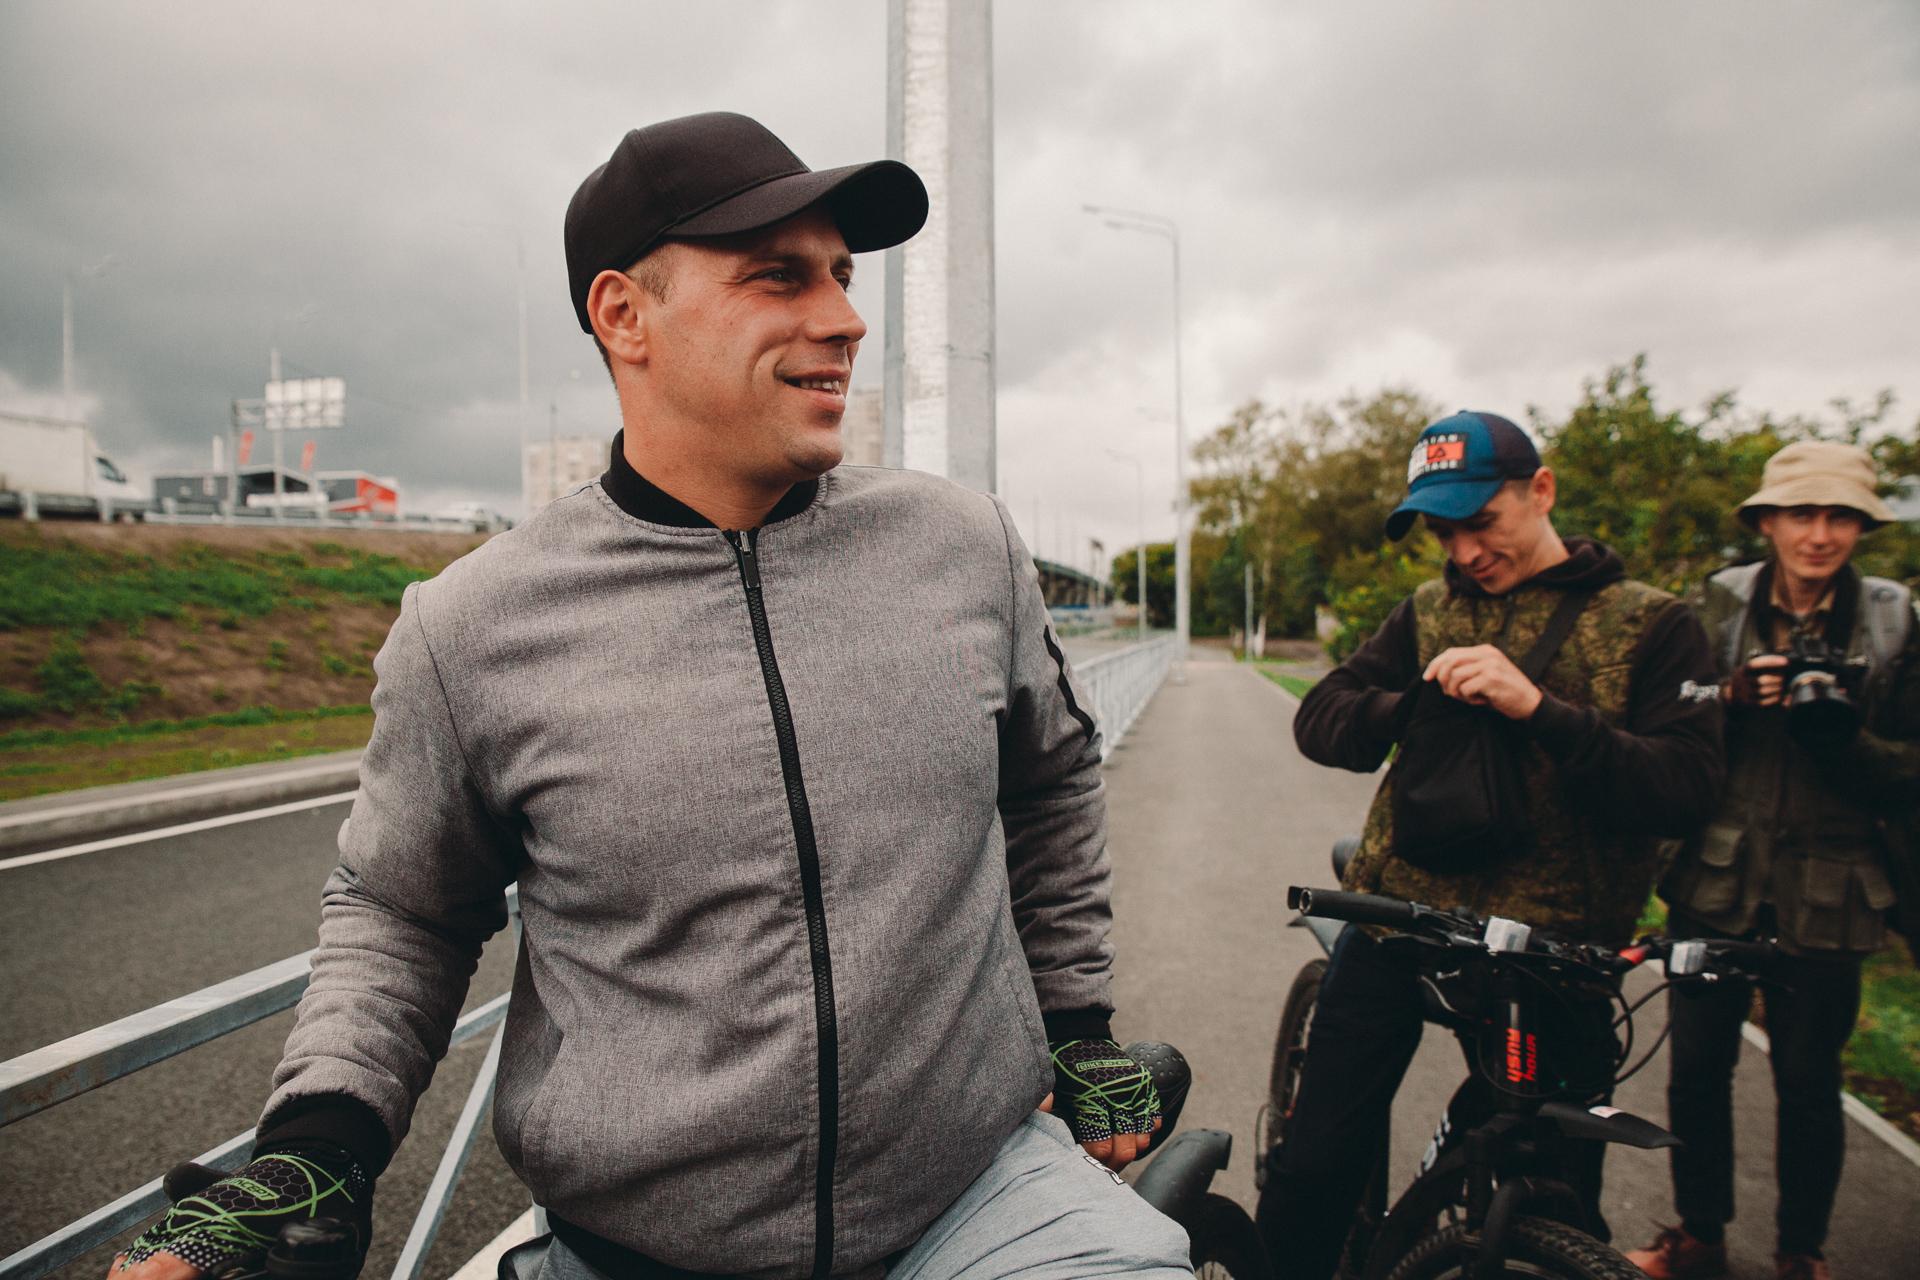 Тюменец говорит, что с передвижением по развязке у него проблем нет. Также уверяет, что он не работник «Мостостроя-11» под прикрытием